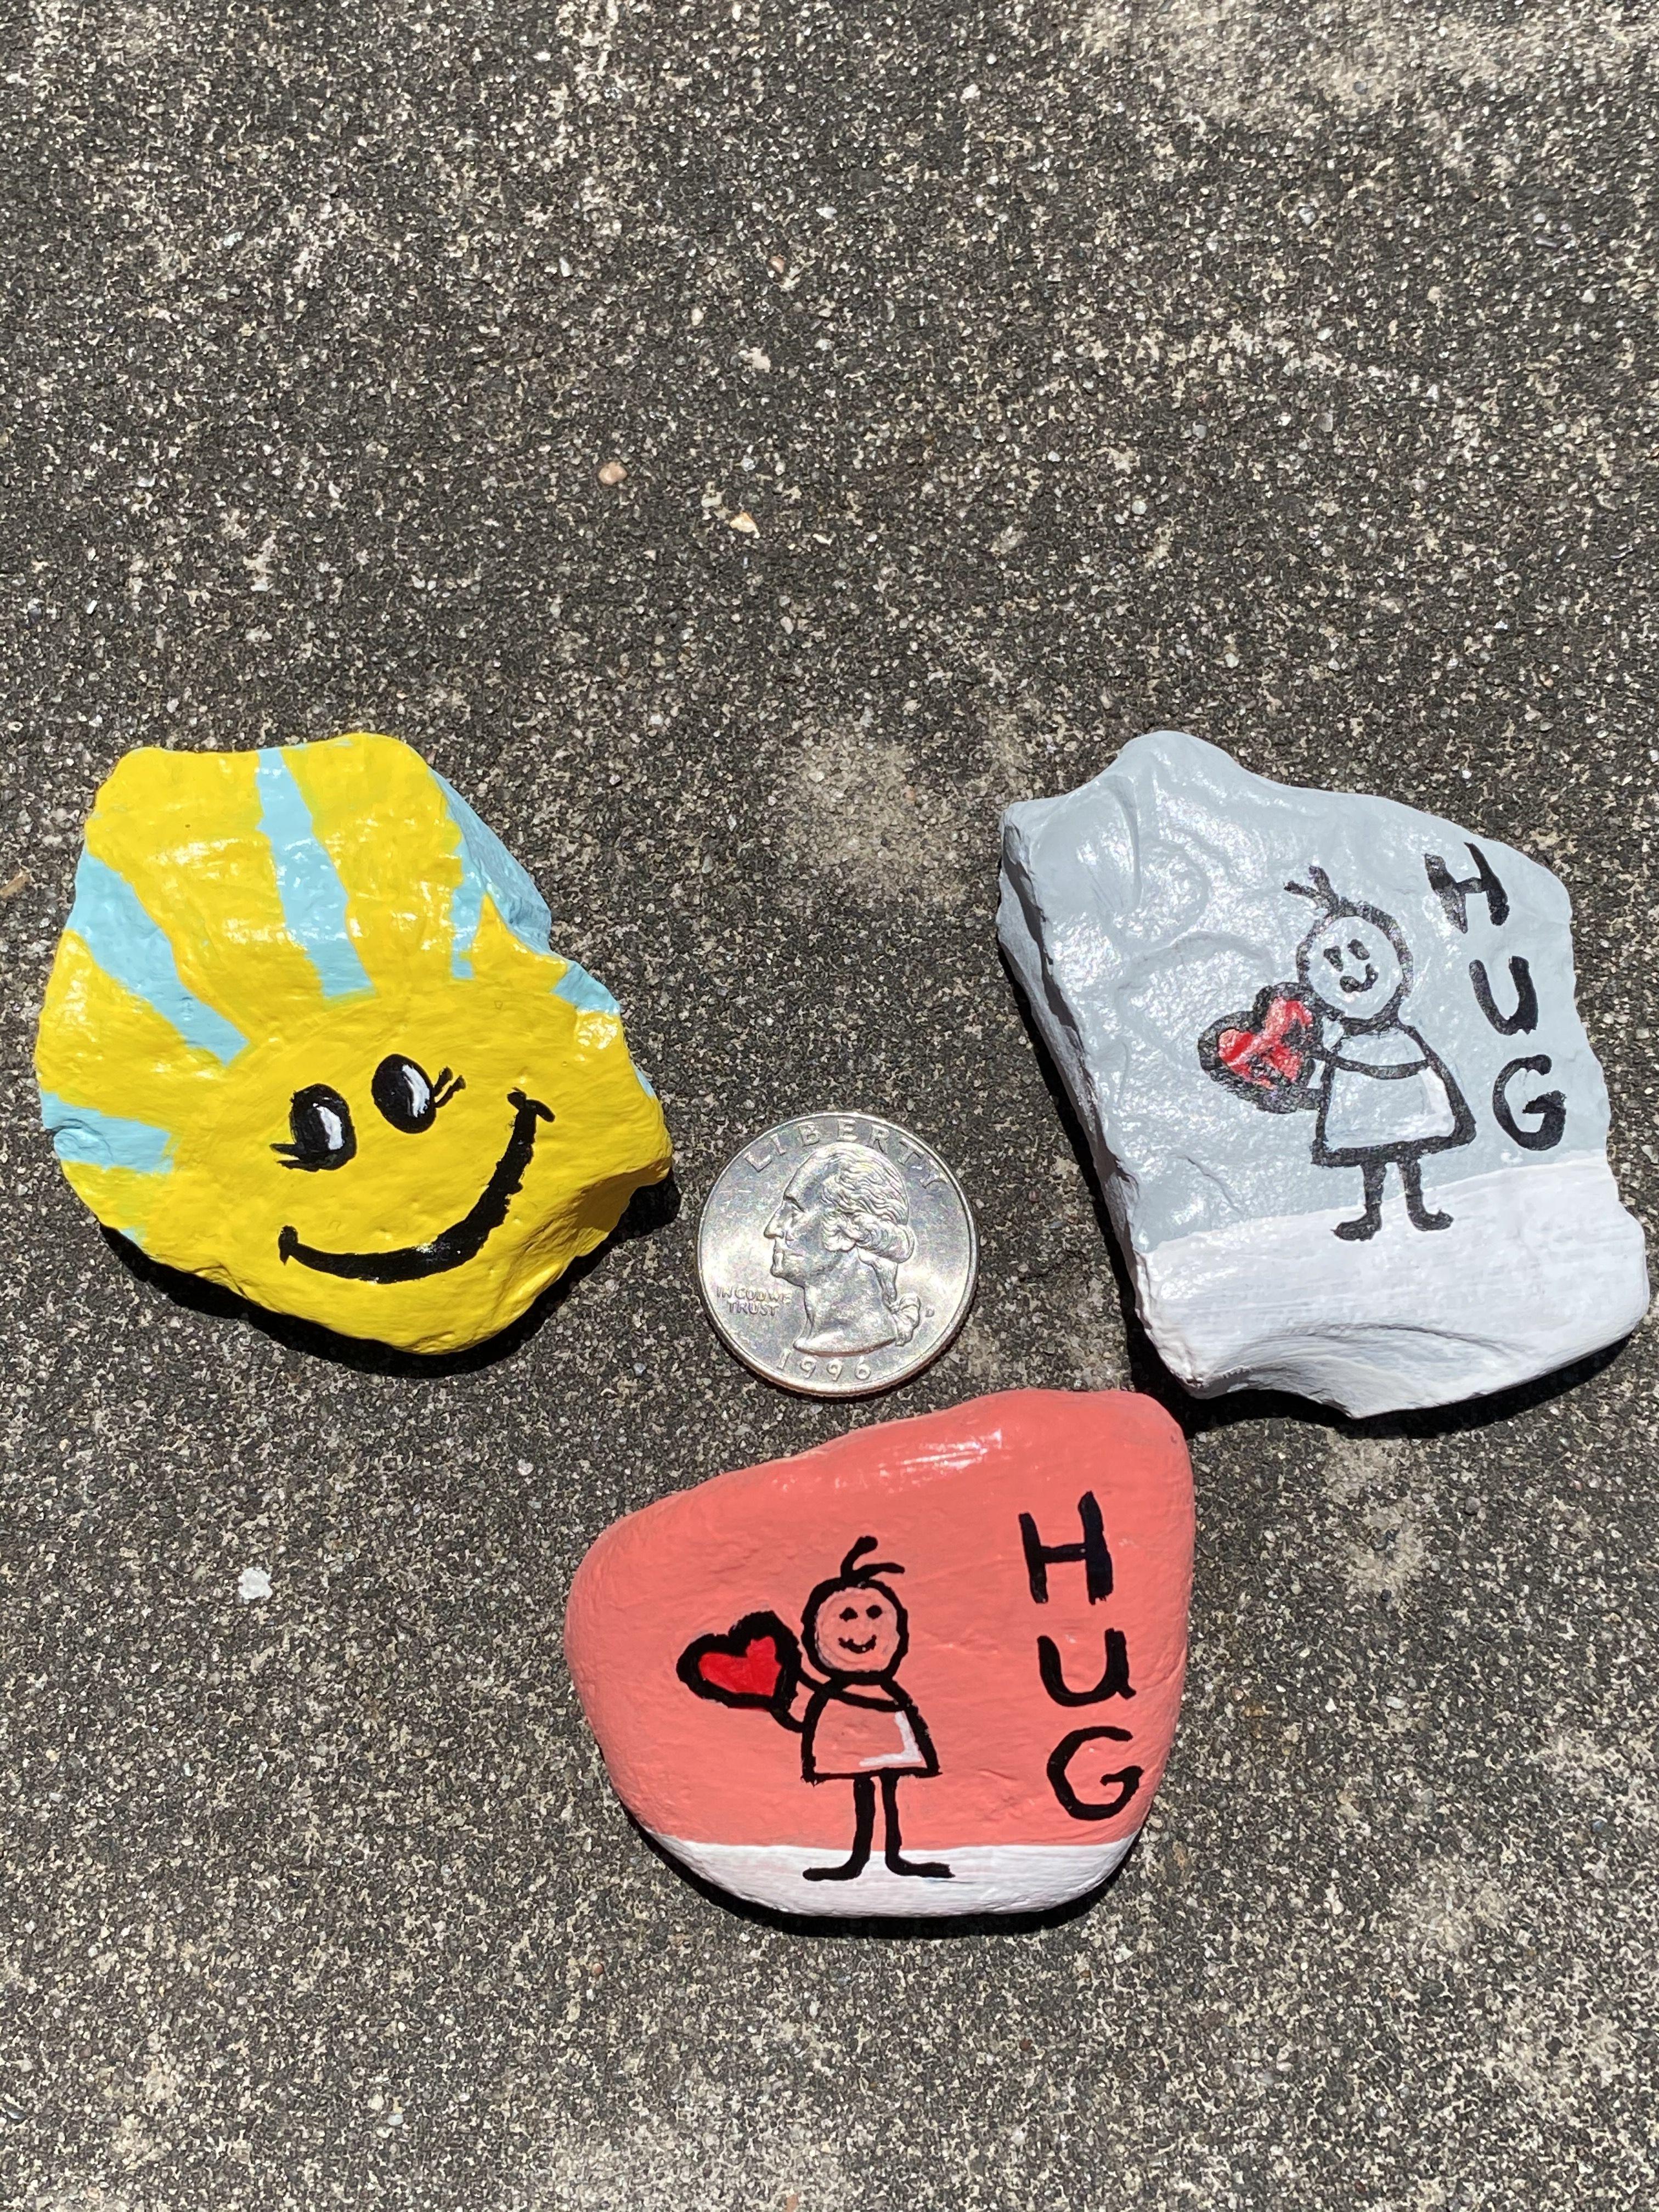 By: ️AR Humble Tx Rock hunt April 2020 in 2020 | Rock art ...